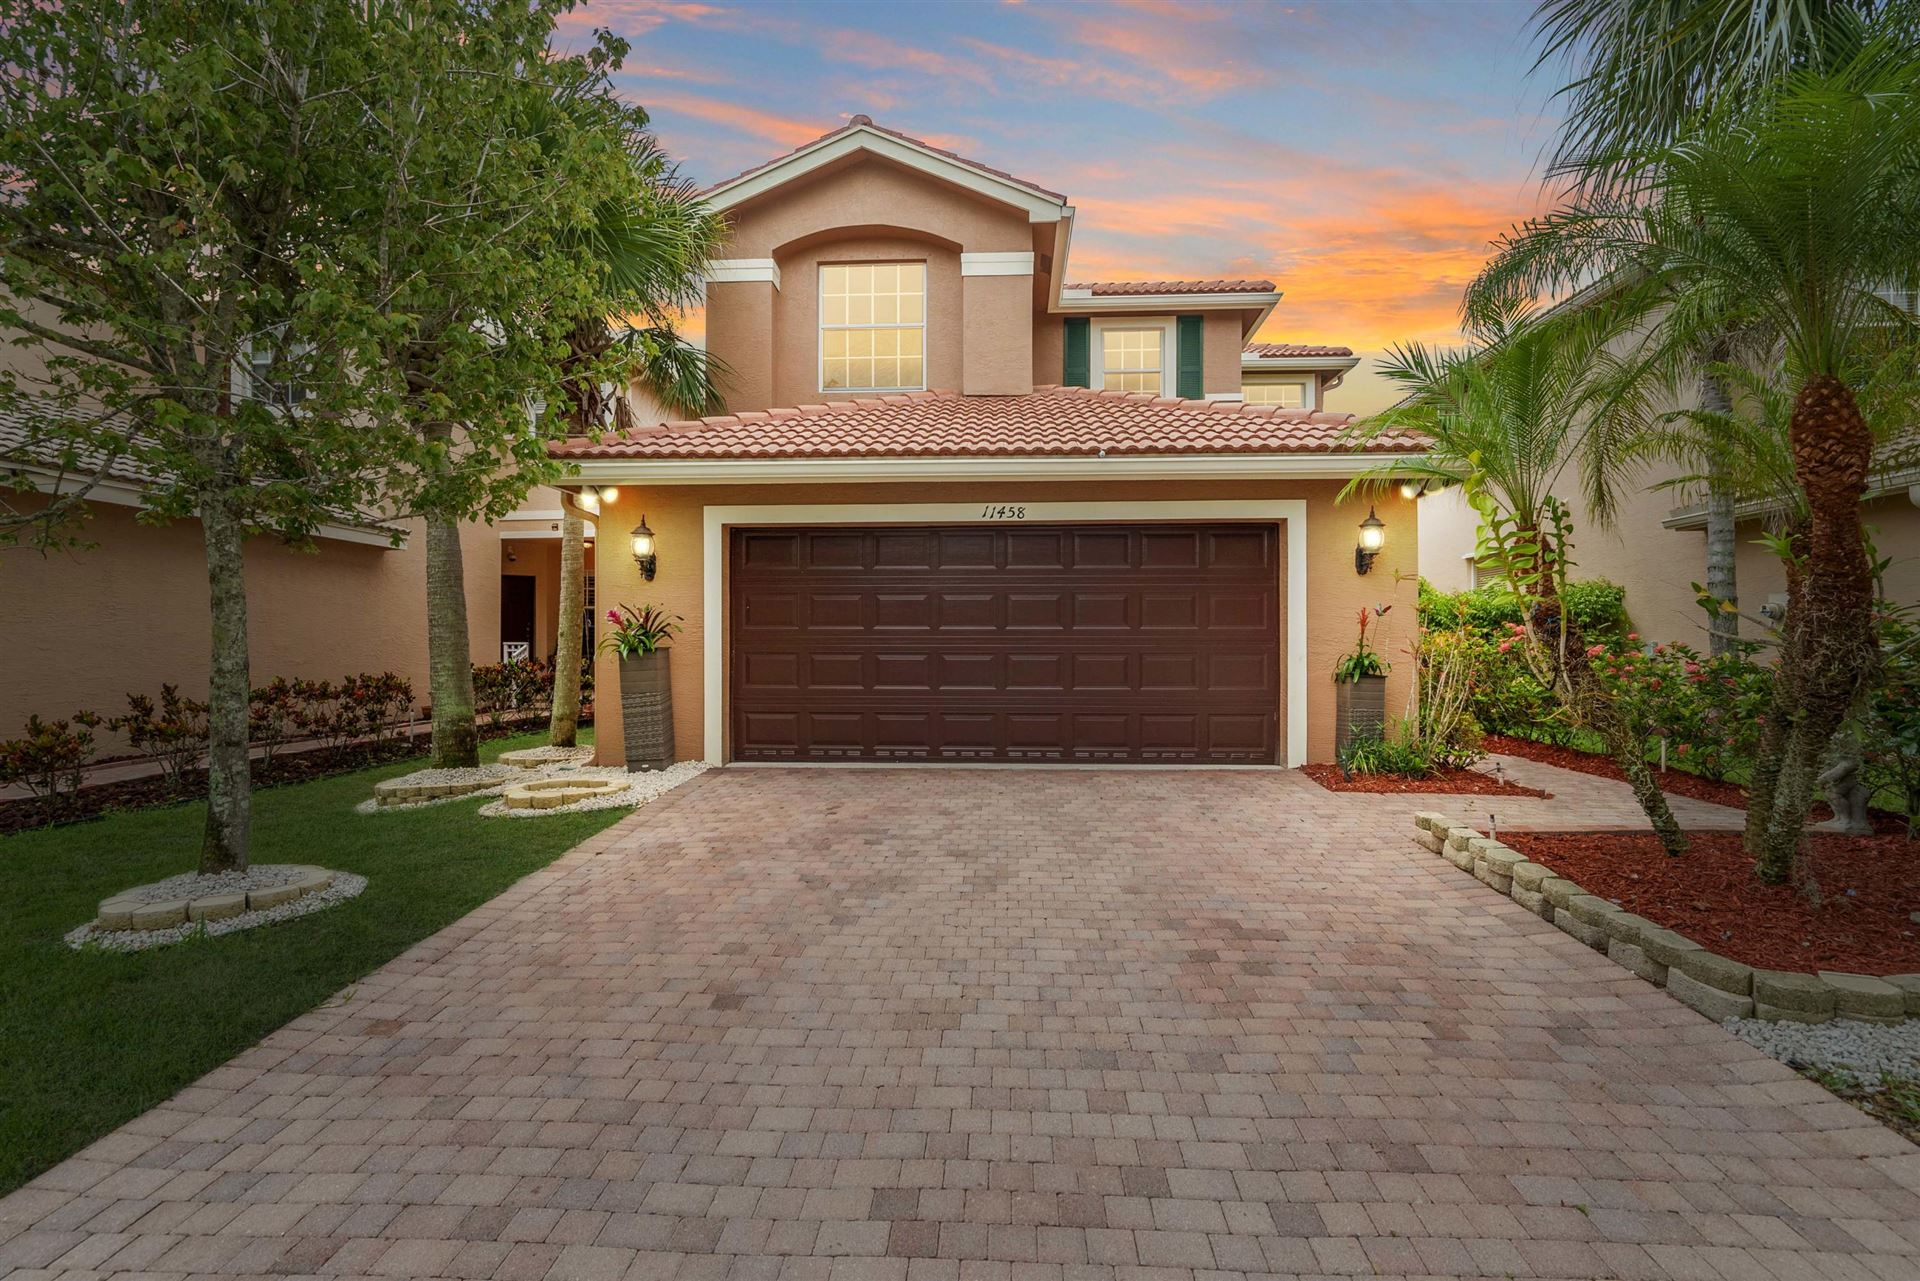 11458 Silk Carnation Way, Royal Palm Beach, FL 33411 - #: RX-10716887